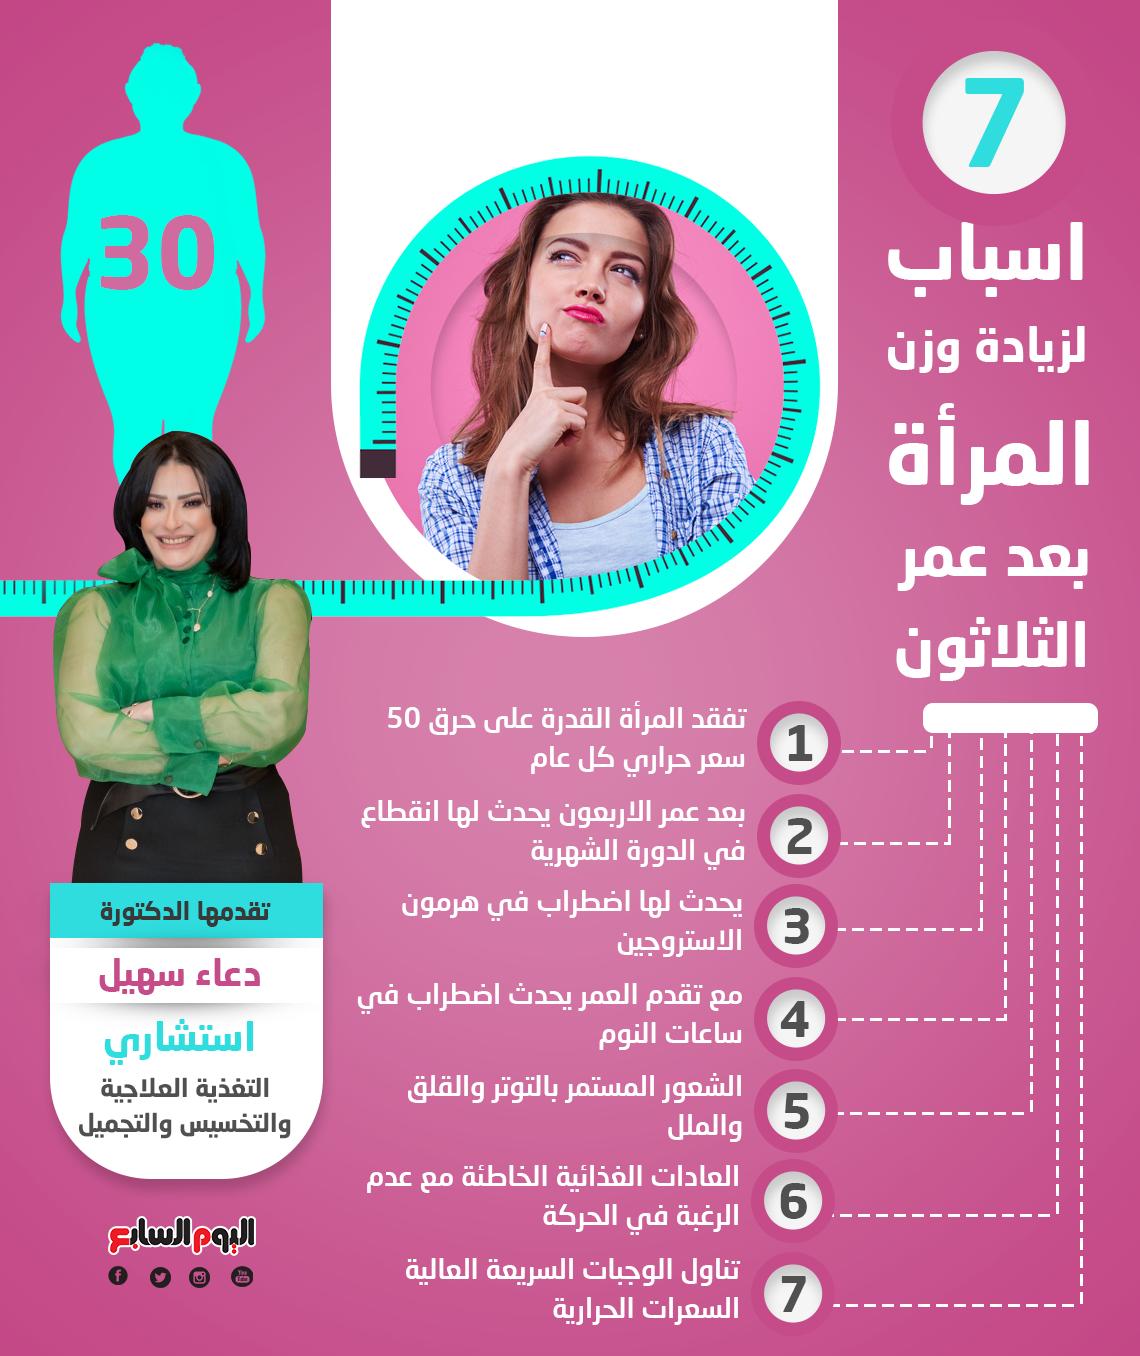 هم بطلة رمش زيادة الوزن عند النساء Claudiastories Com